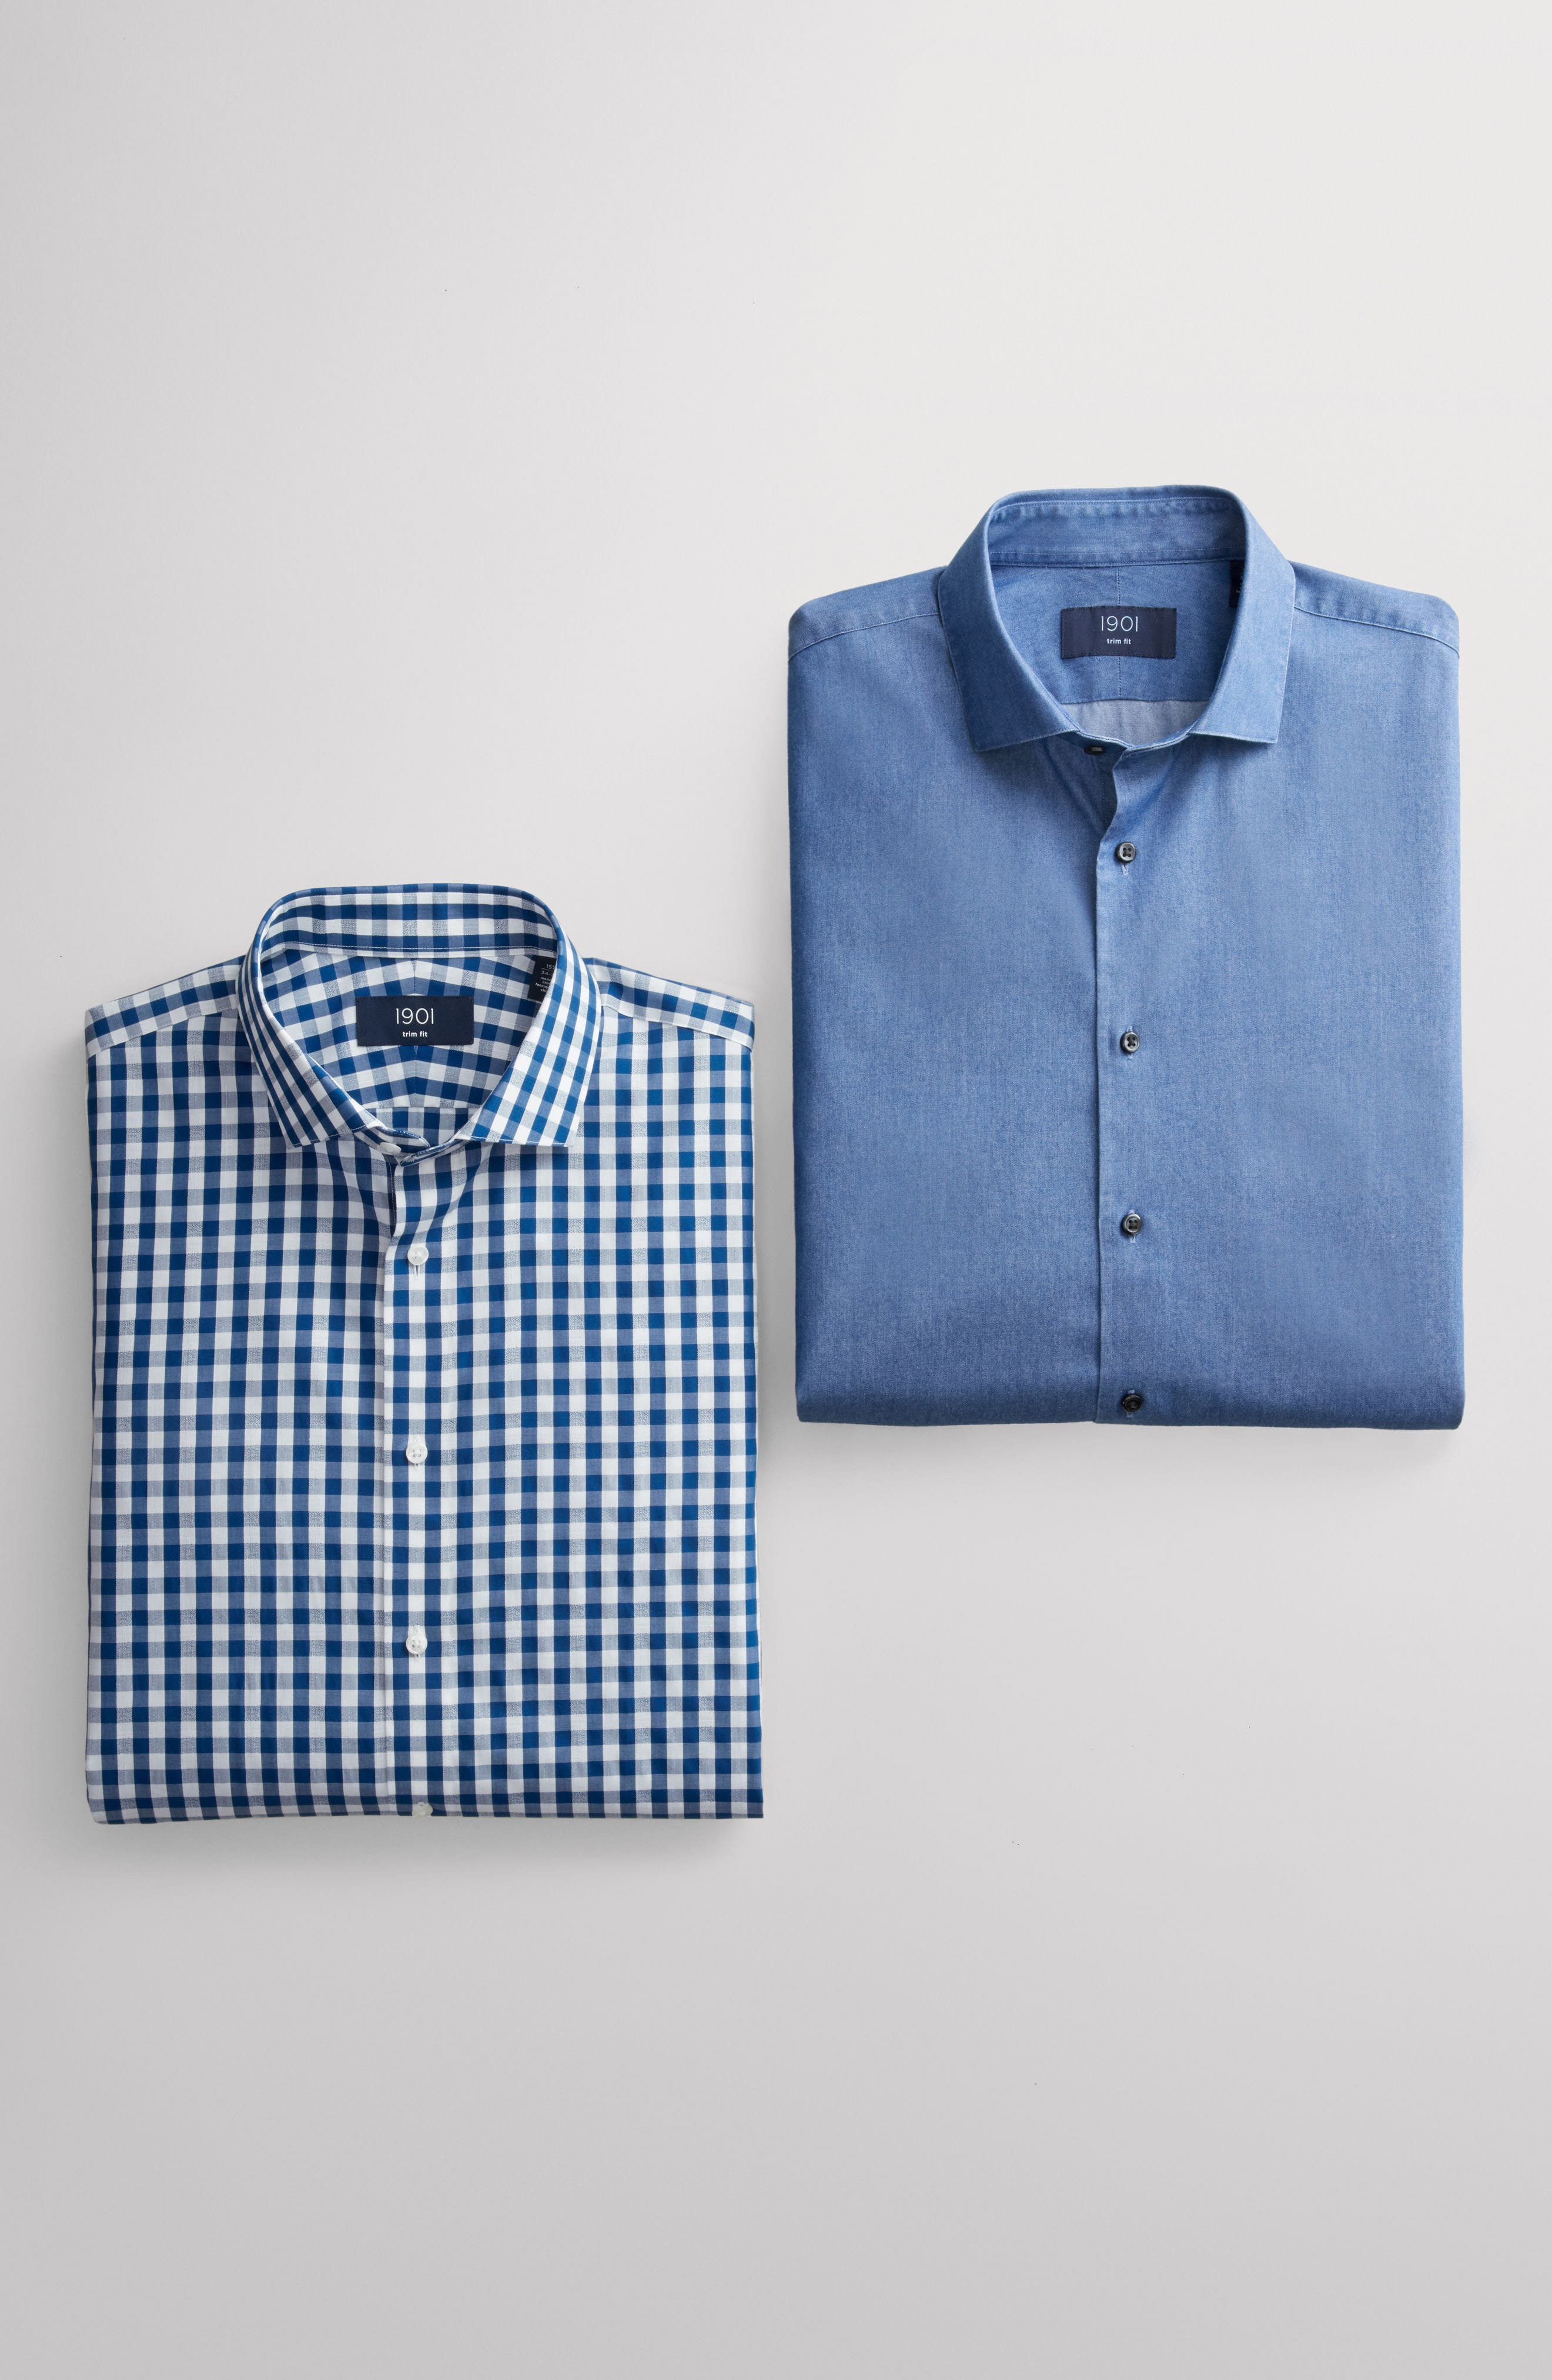 1901, Trim Fit Check Dress Shirt, Alternate thumbnail 7, color, BLUE CASPIA